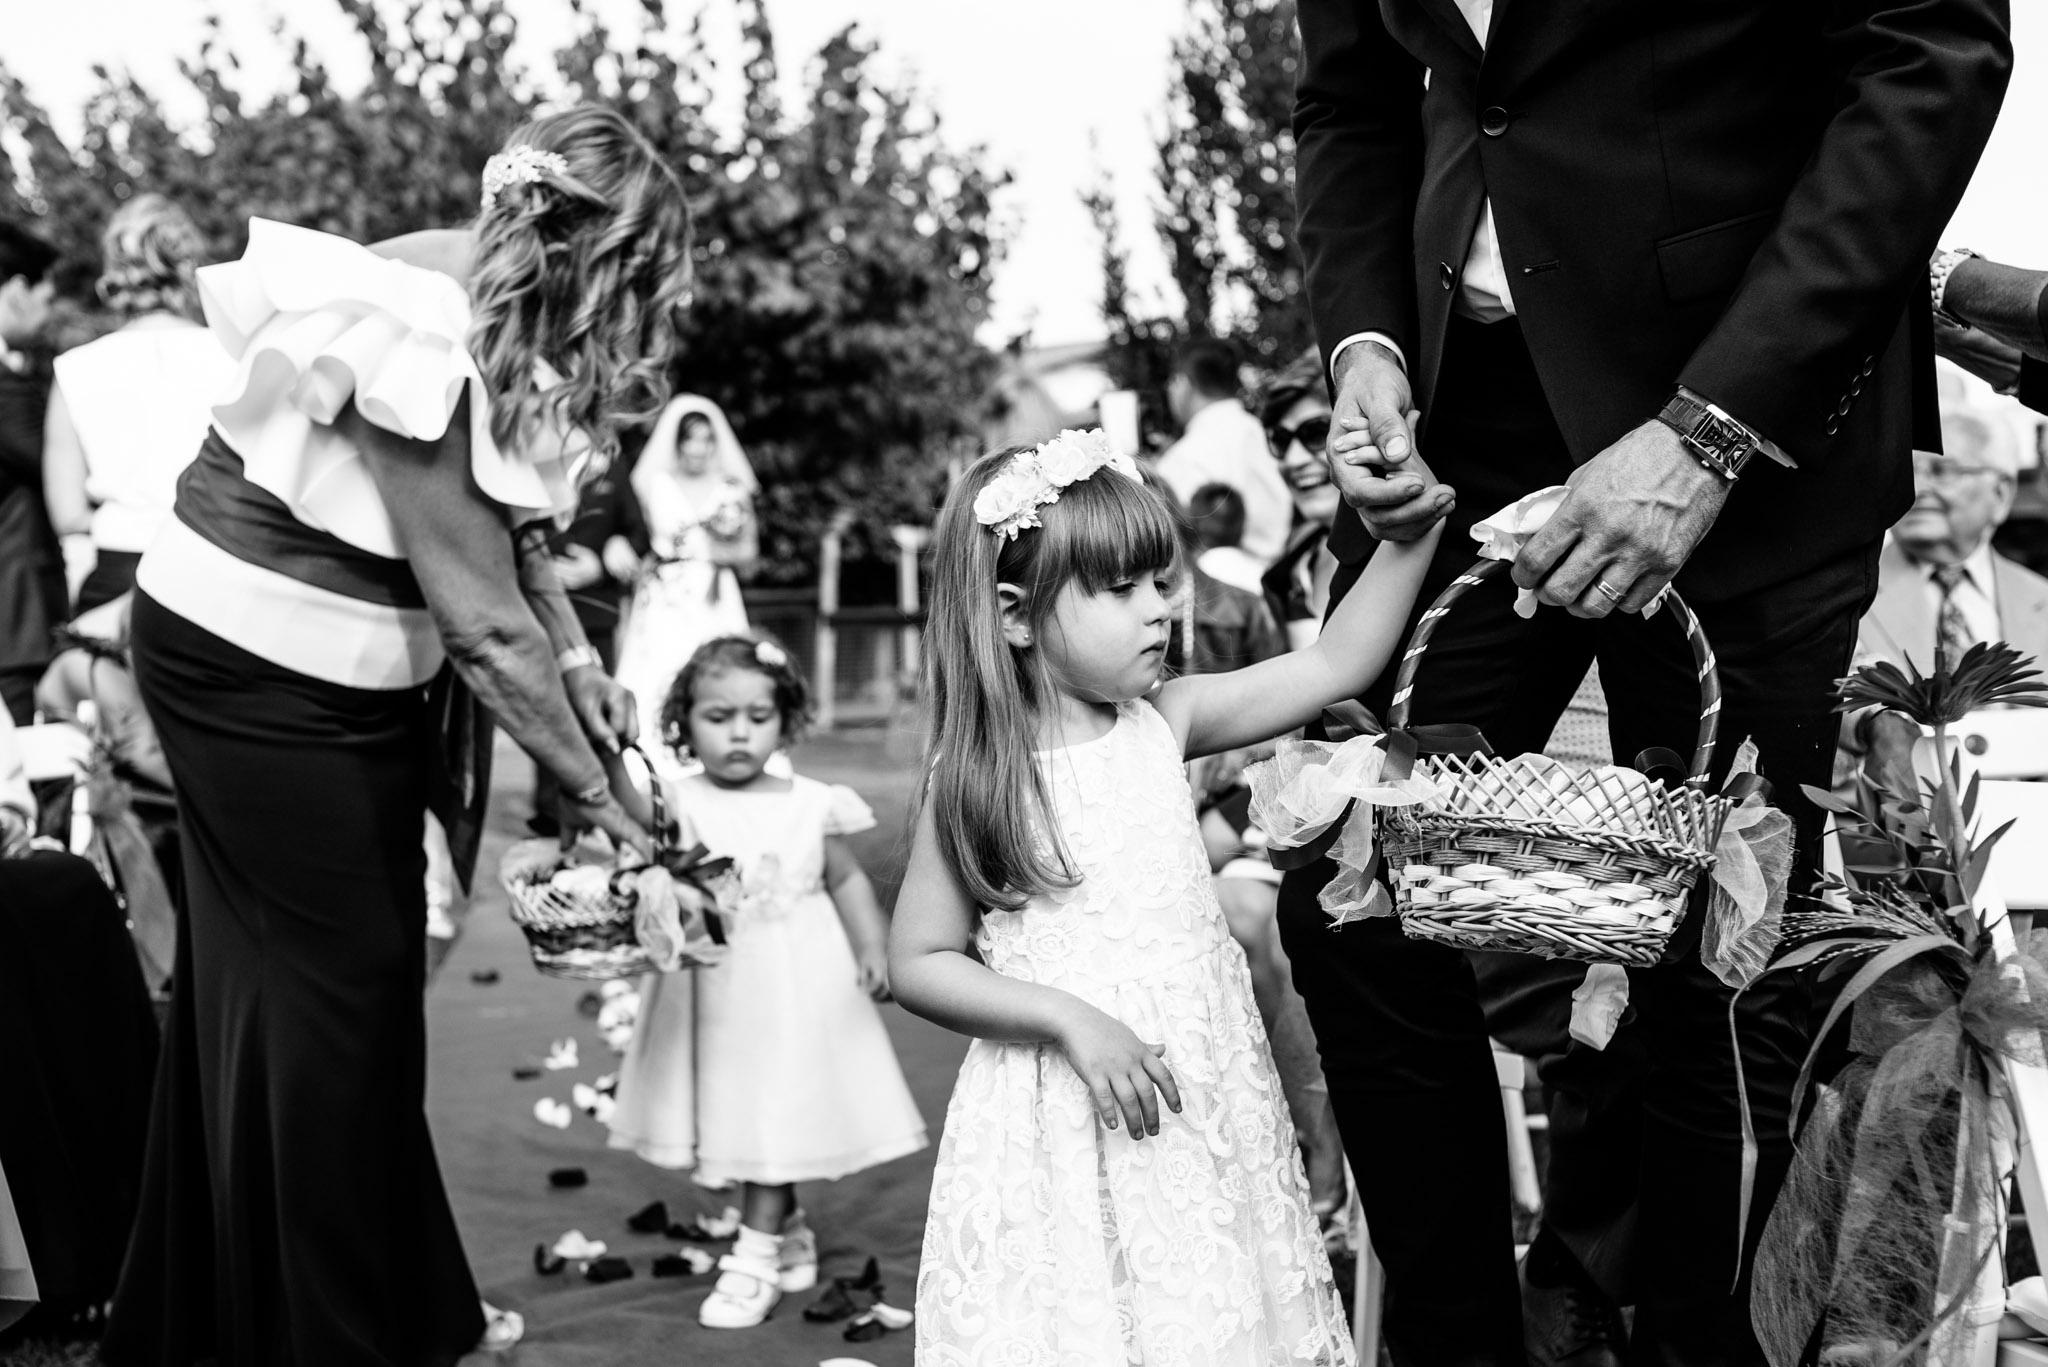 fotografia-de-bodas-en-tarragona-y-barcelona-laura-arroyo-fotografo-emocional-de-boda